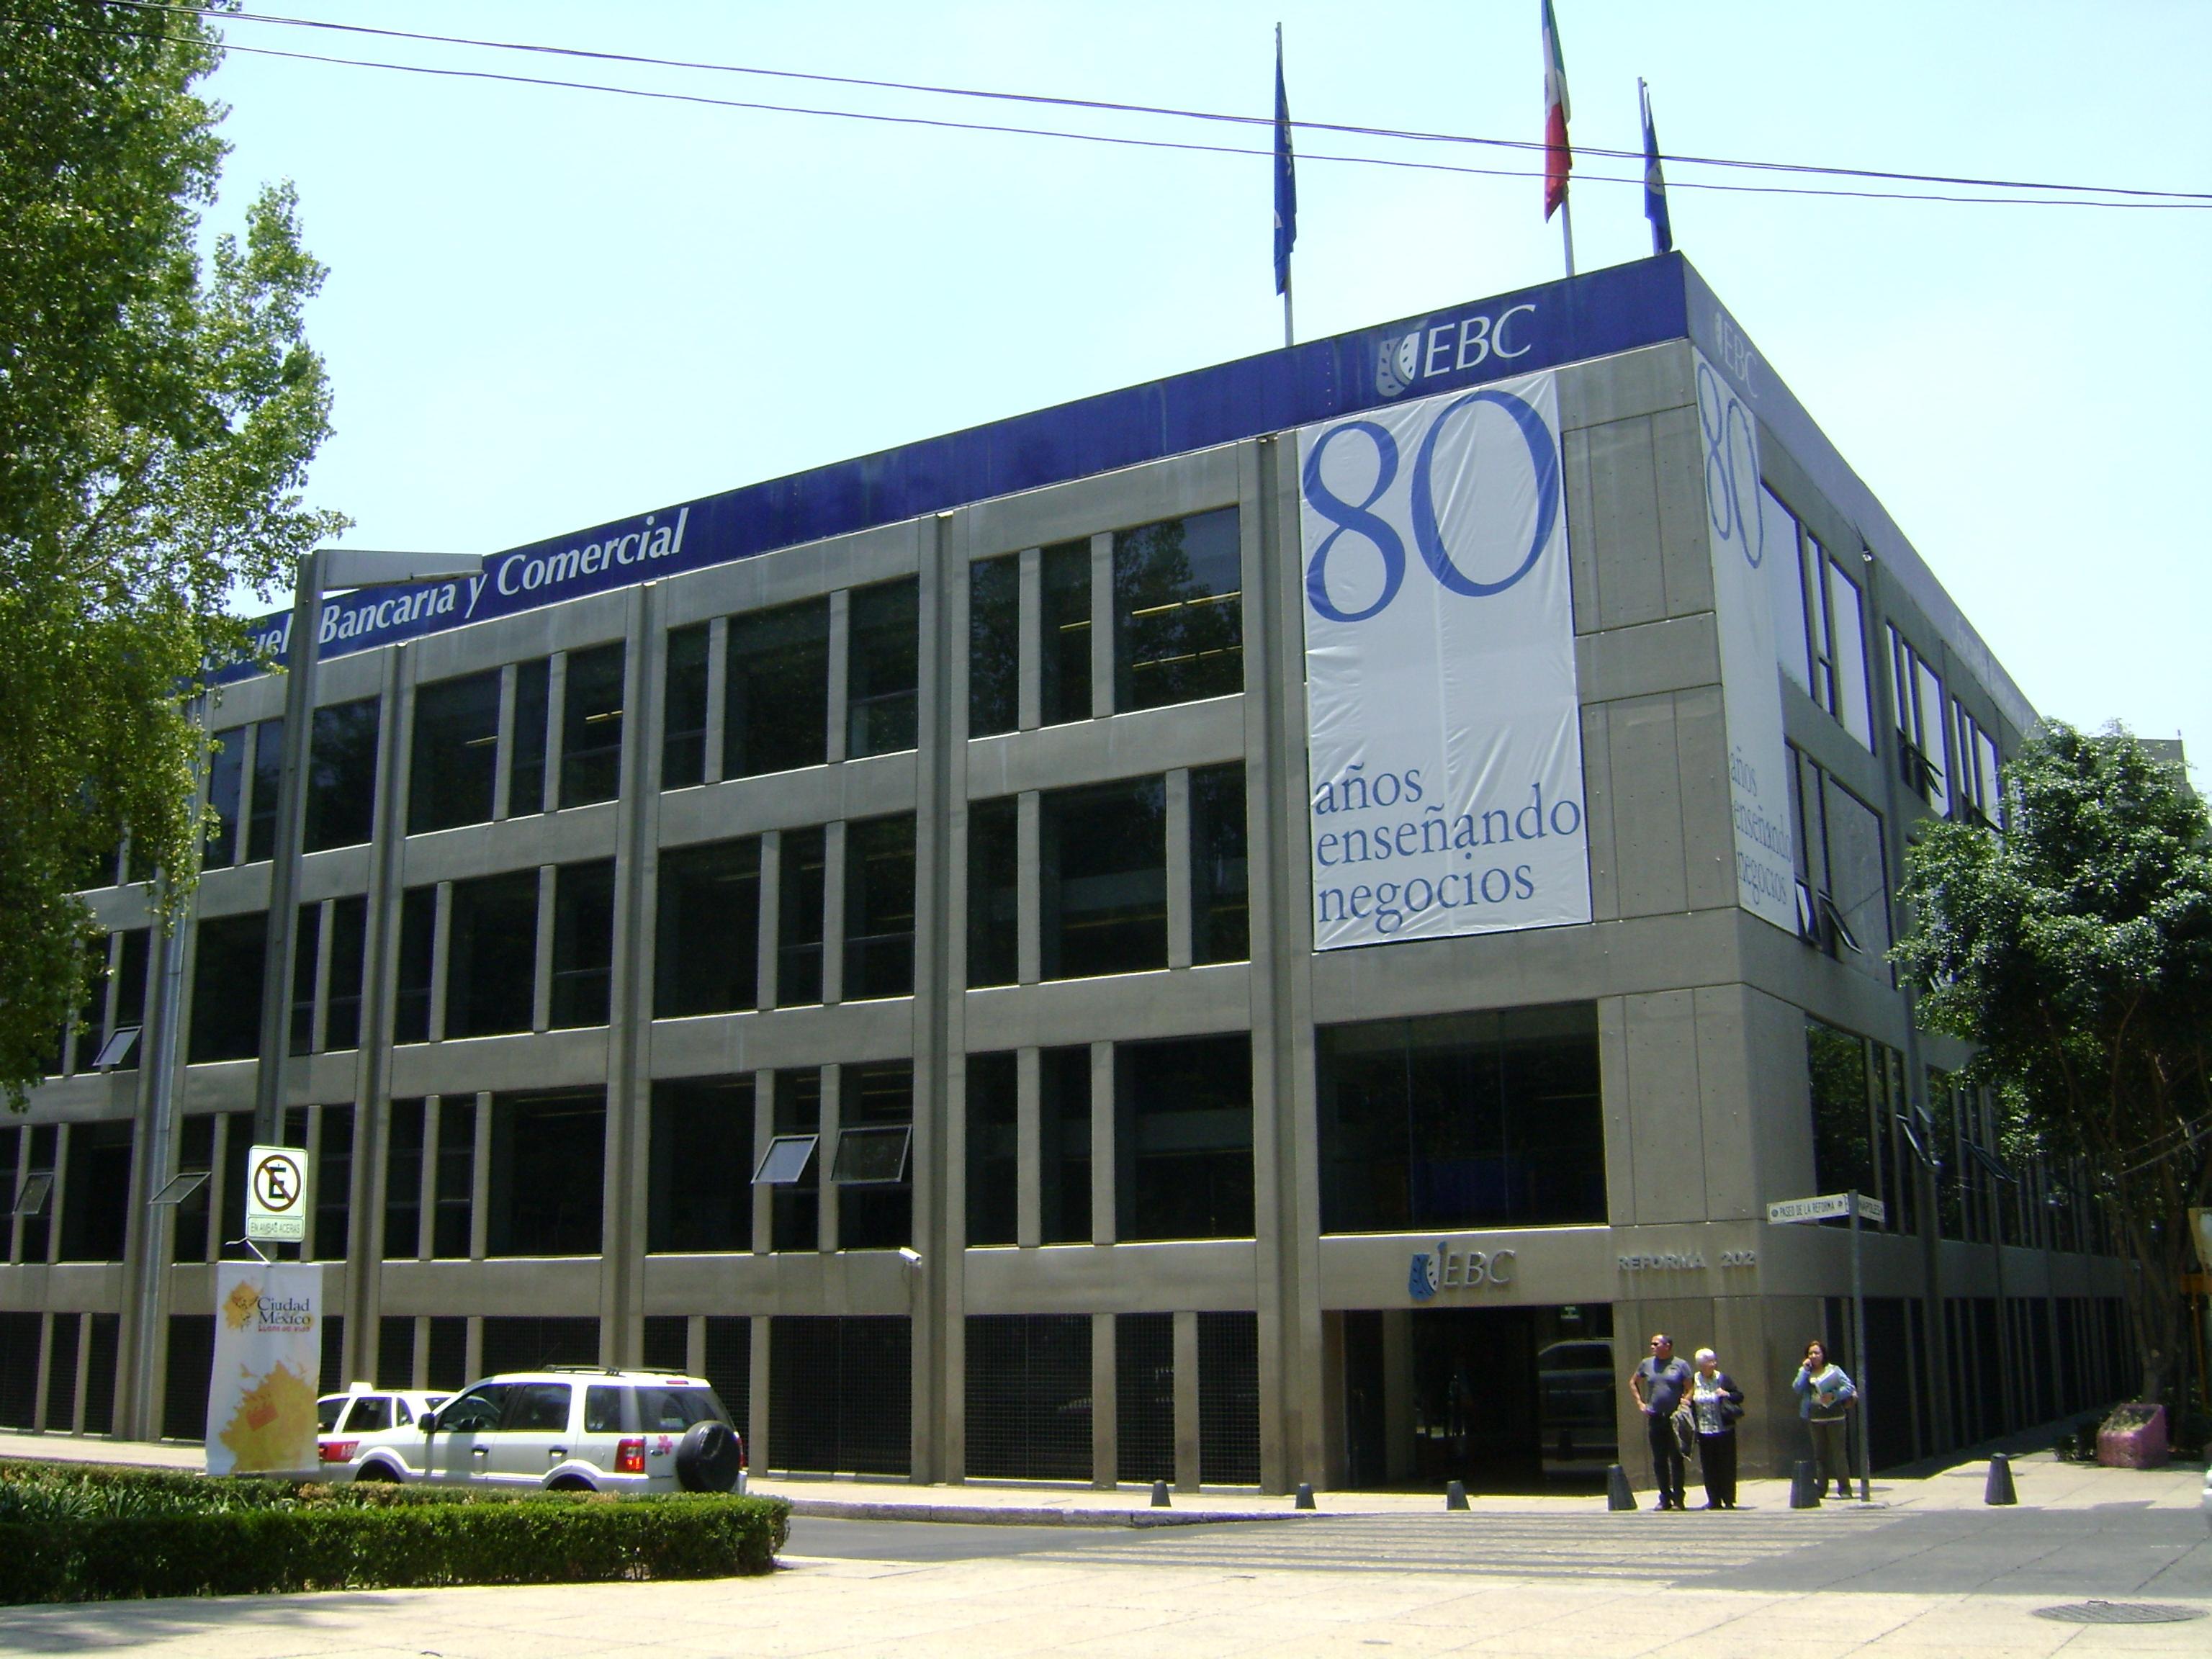 escuela bancaria y comercial